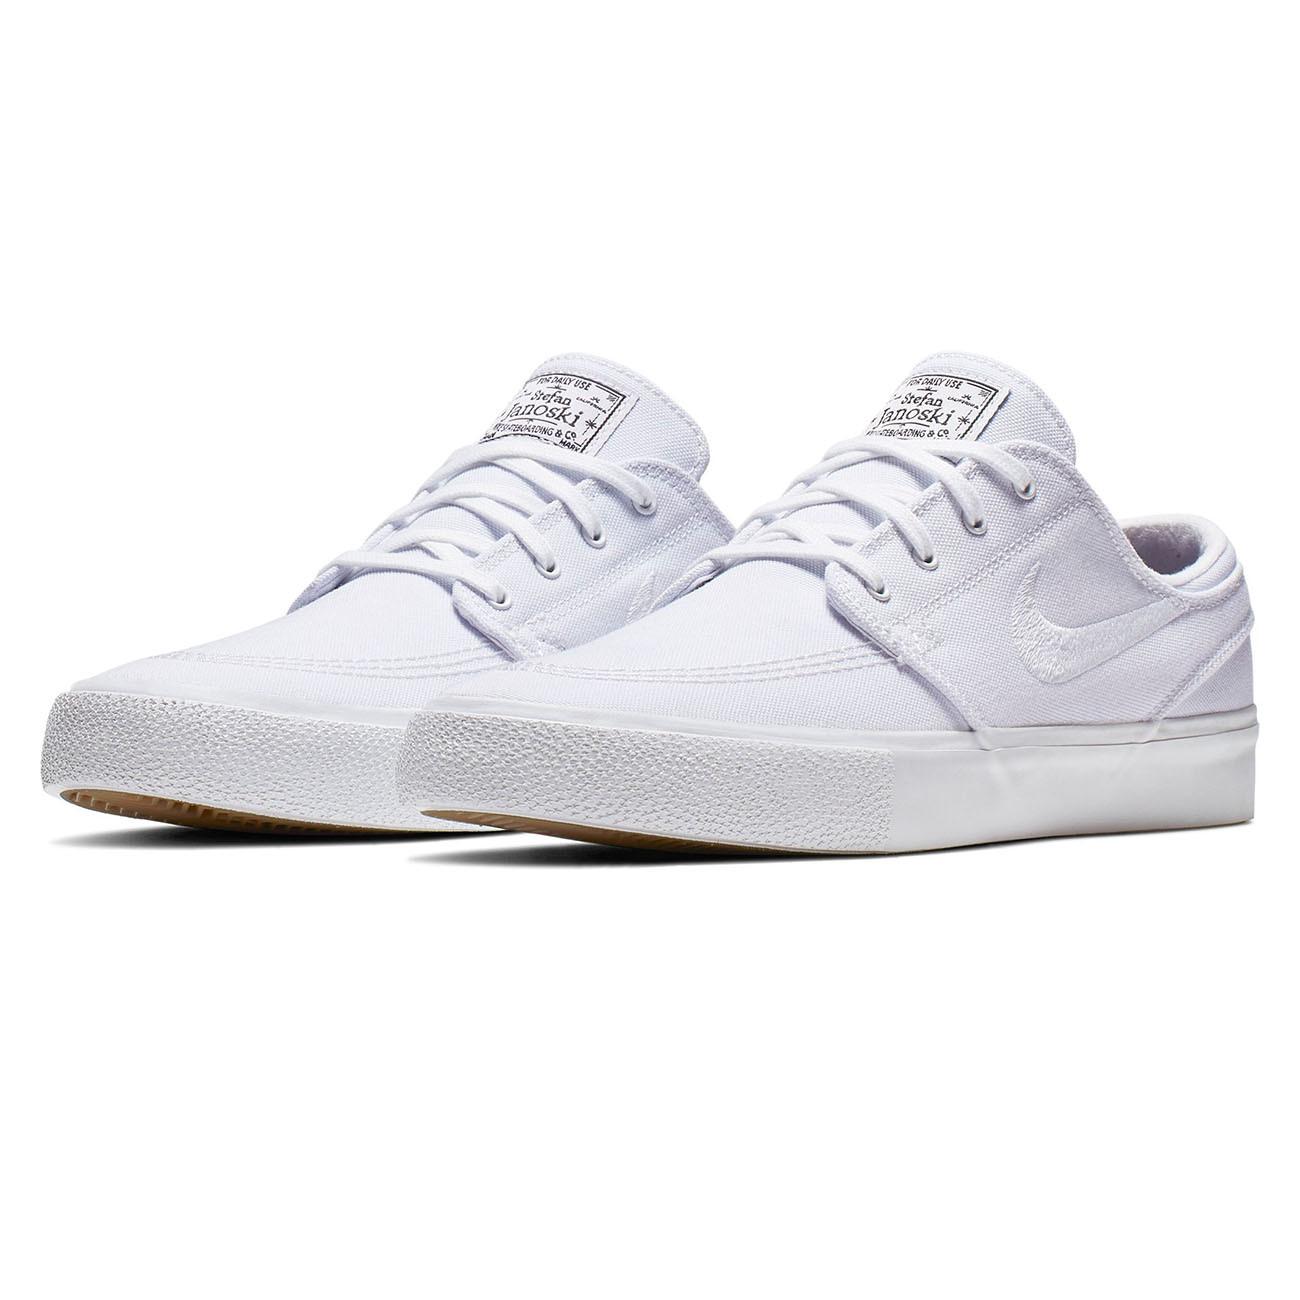 Sneakers Nike SB Zoom Stefan Janoski